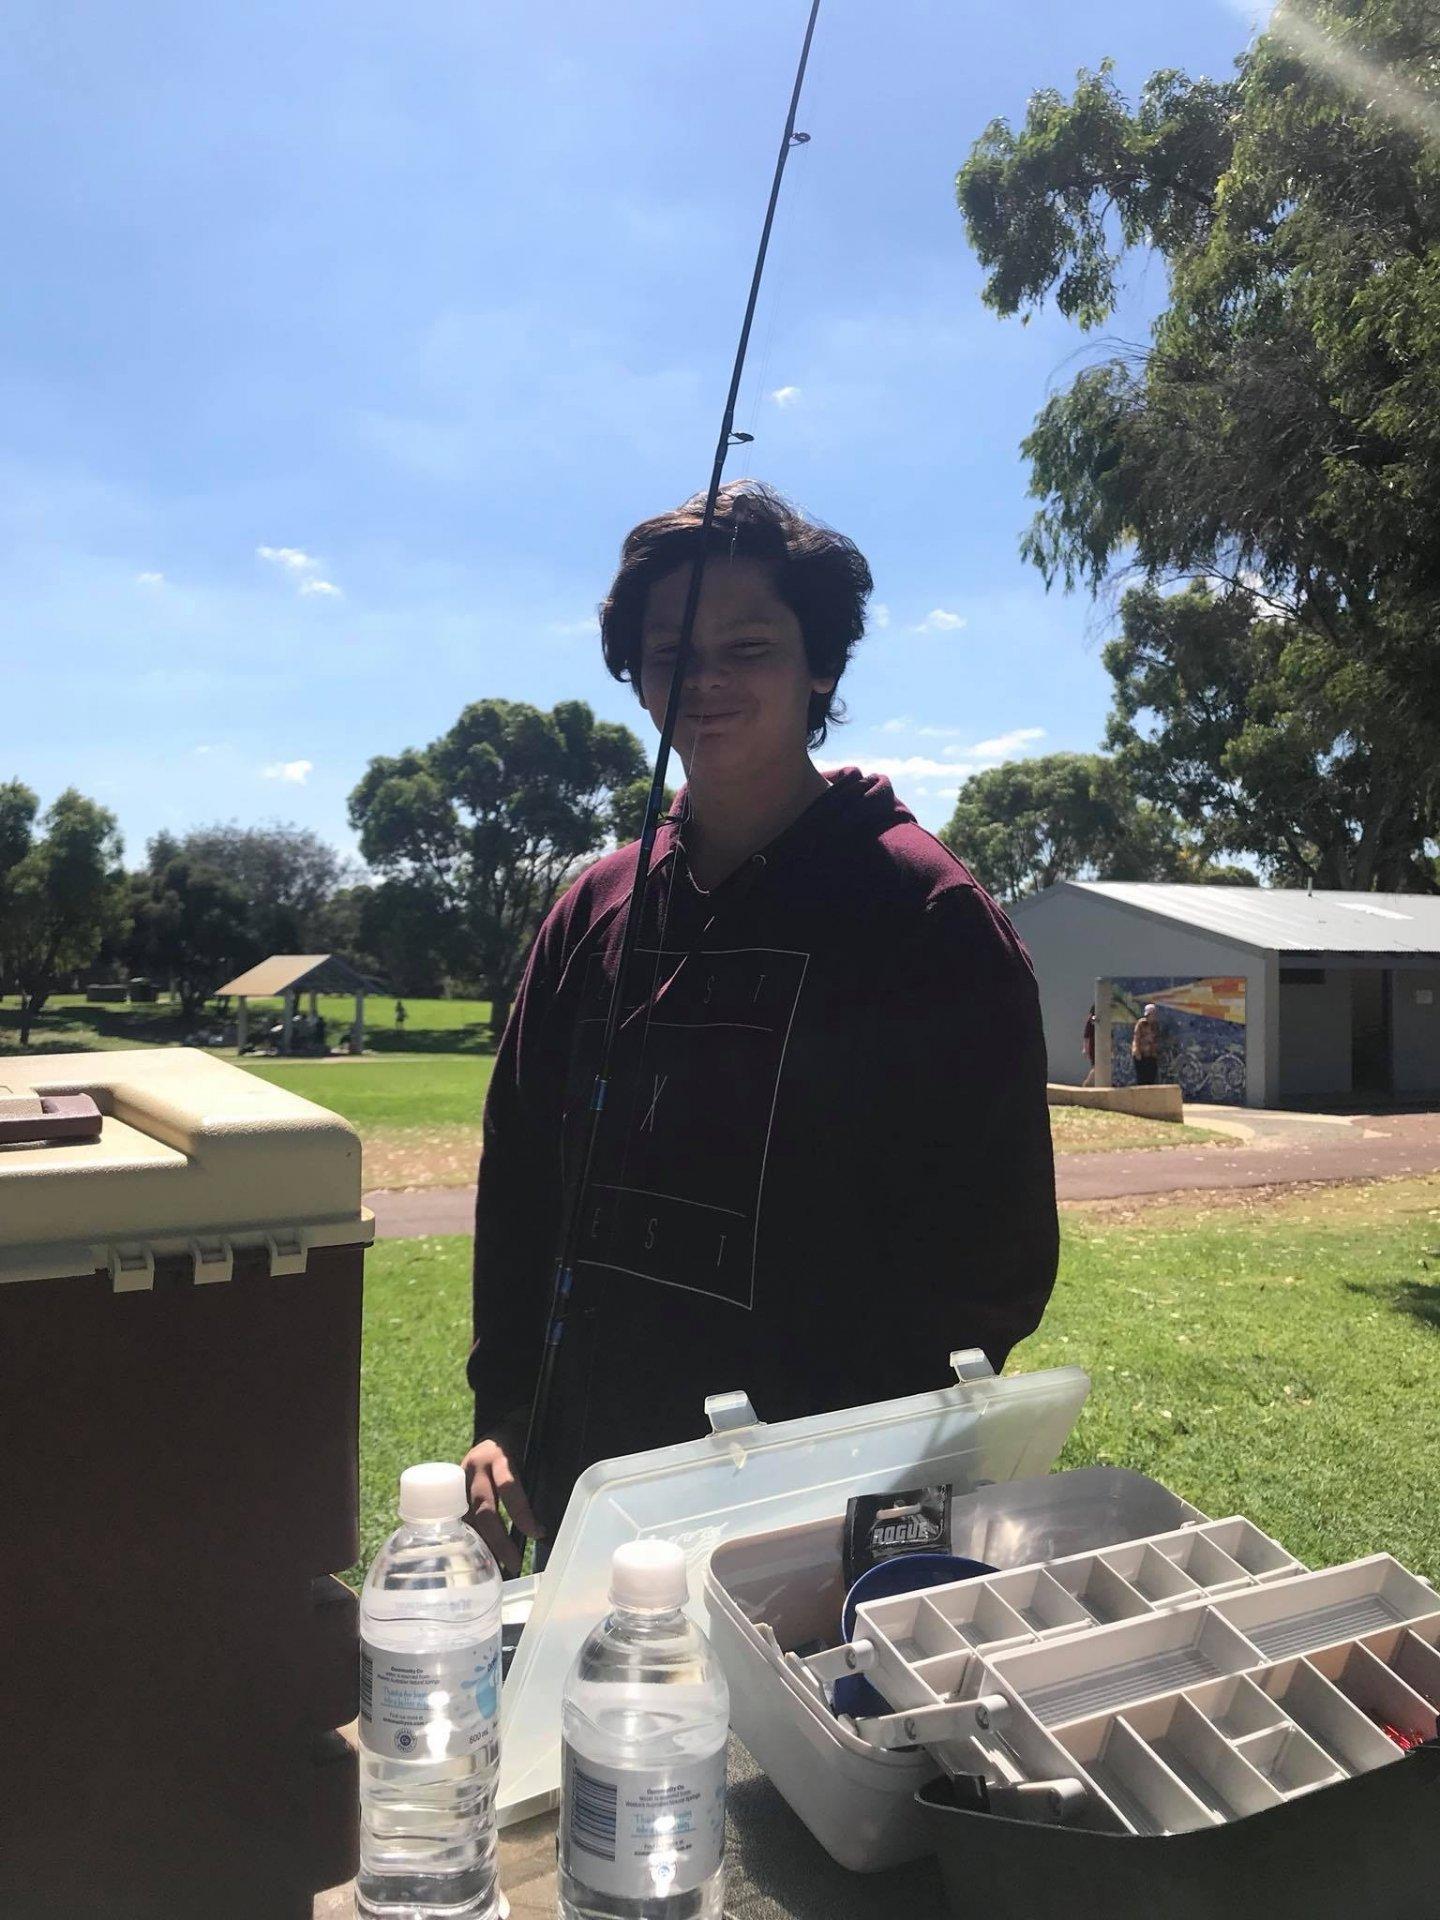 Zuixc from Western Australia,Australia